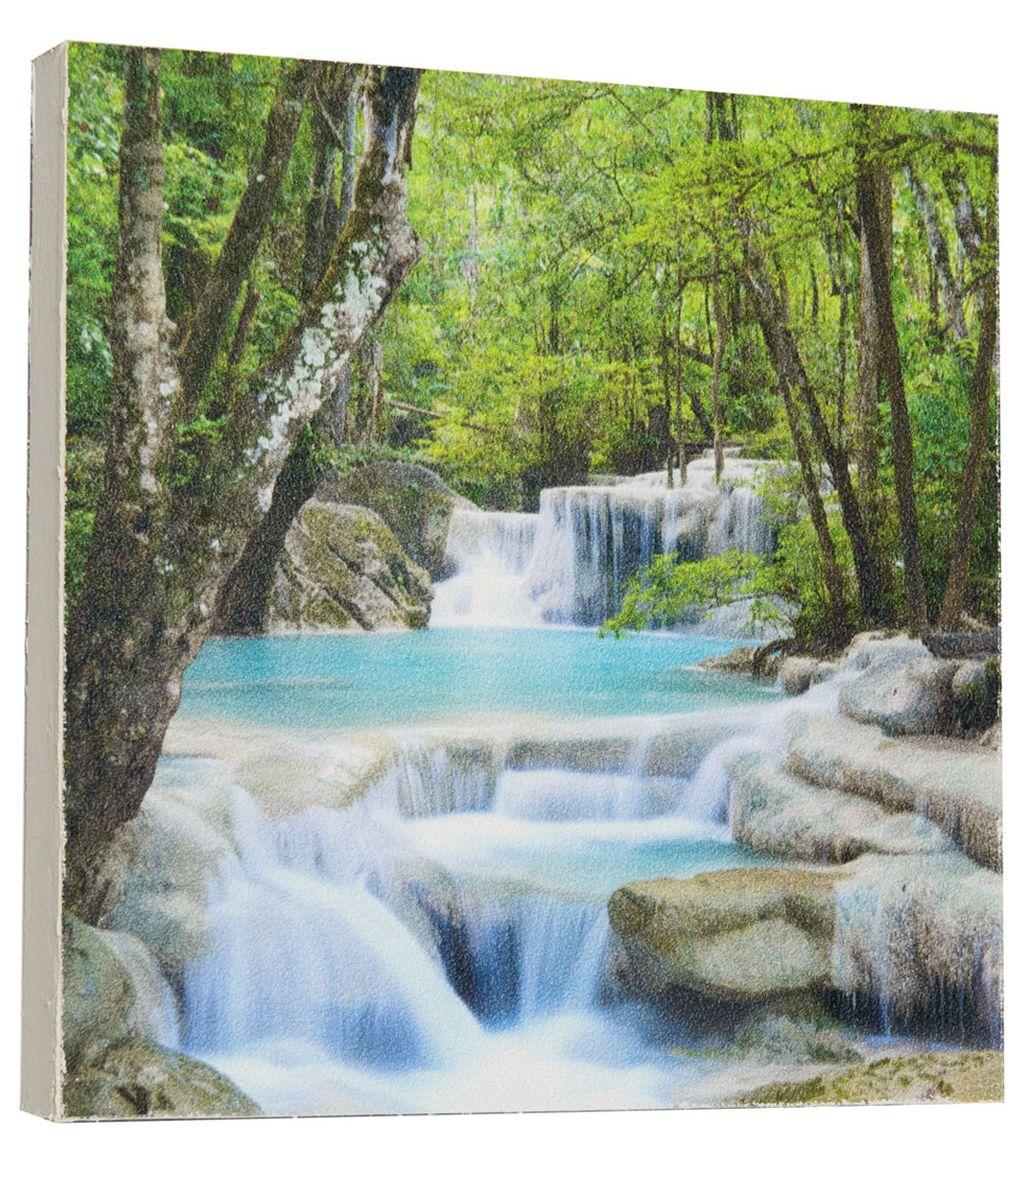 Картина Mister Poster Водопад посреди леса, 22 х 22 смRG-D31SКартина Mister Poster - это высококачественная репродукция на деревянной раме. Лицевая поверхность имитирует штукатурку или натуральный холст, края окрашены вручную специальным декоративным составом.Современные технологии, уникальное оборудование и оригинальные чернила, используемые при изготовлении, делают постер устойчивым к выцветанию, а также гарантируют стойкость к воздействию негативных внешних факторов. Интерьер дома и офиса, в котором находится человек, в значительной степени влияет на его настроение и работоспособность. Правильное оформление интерьера создает благоприятный психологический климат, улучшает настроение и мотивирует. Добавьте «красок» в ваш интерьер и, возможно, в вашу жизнь.